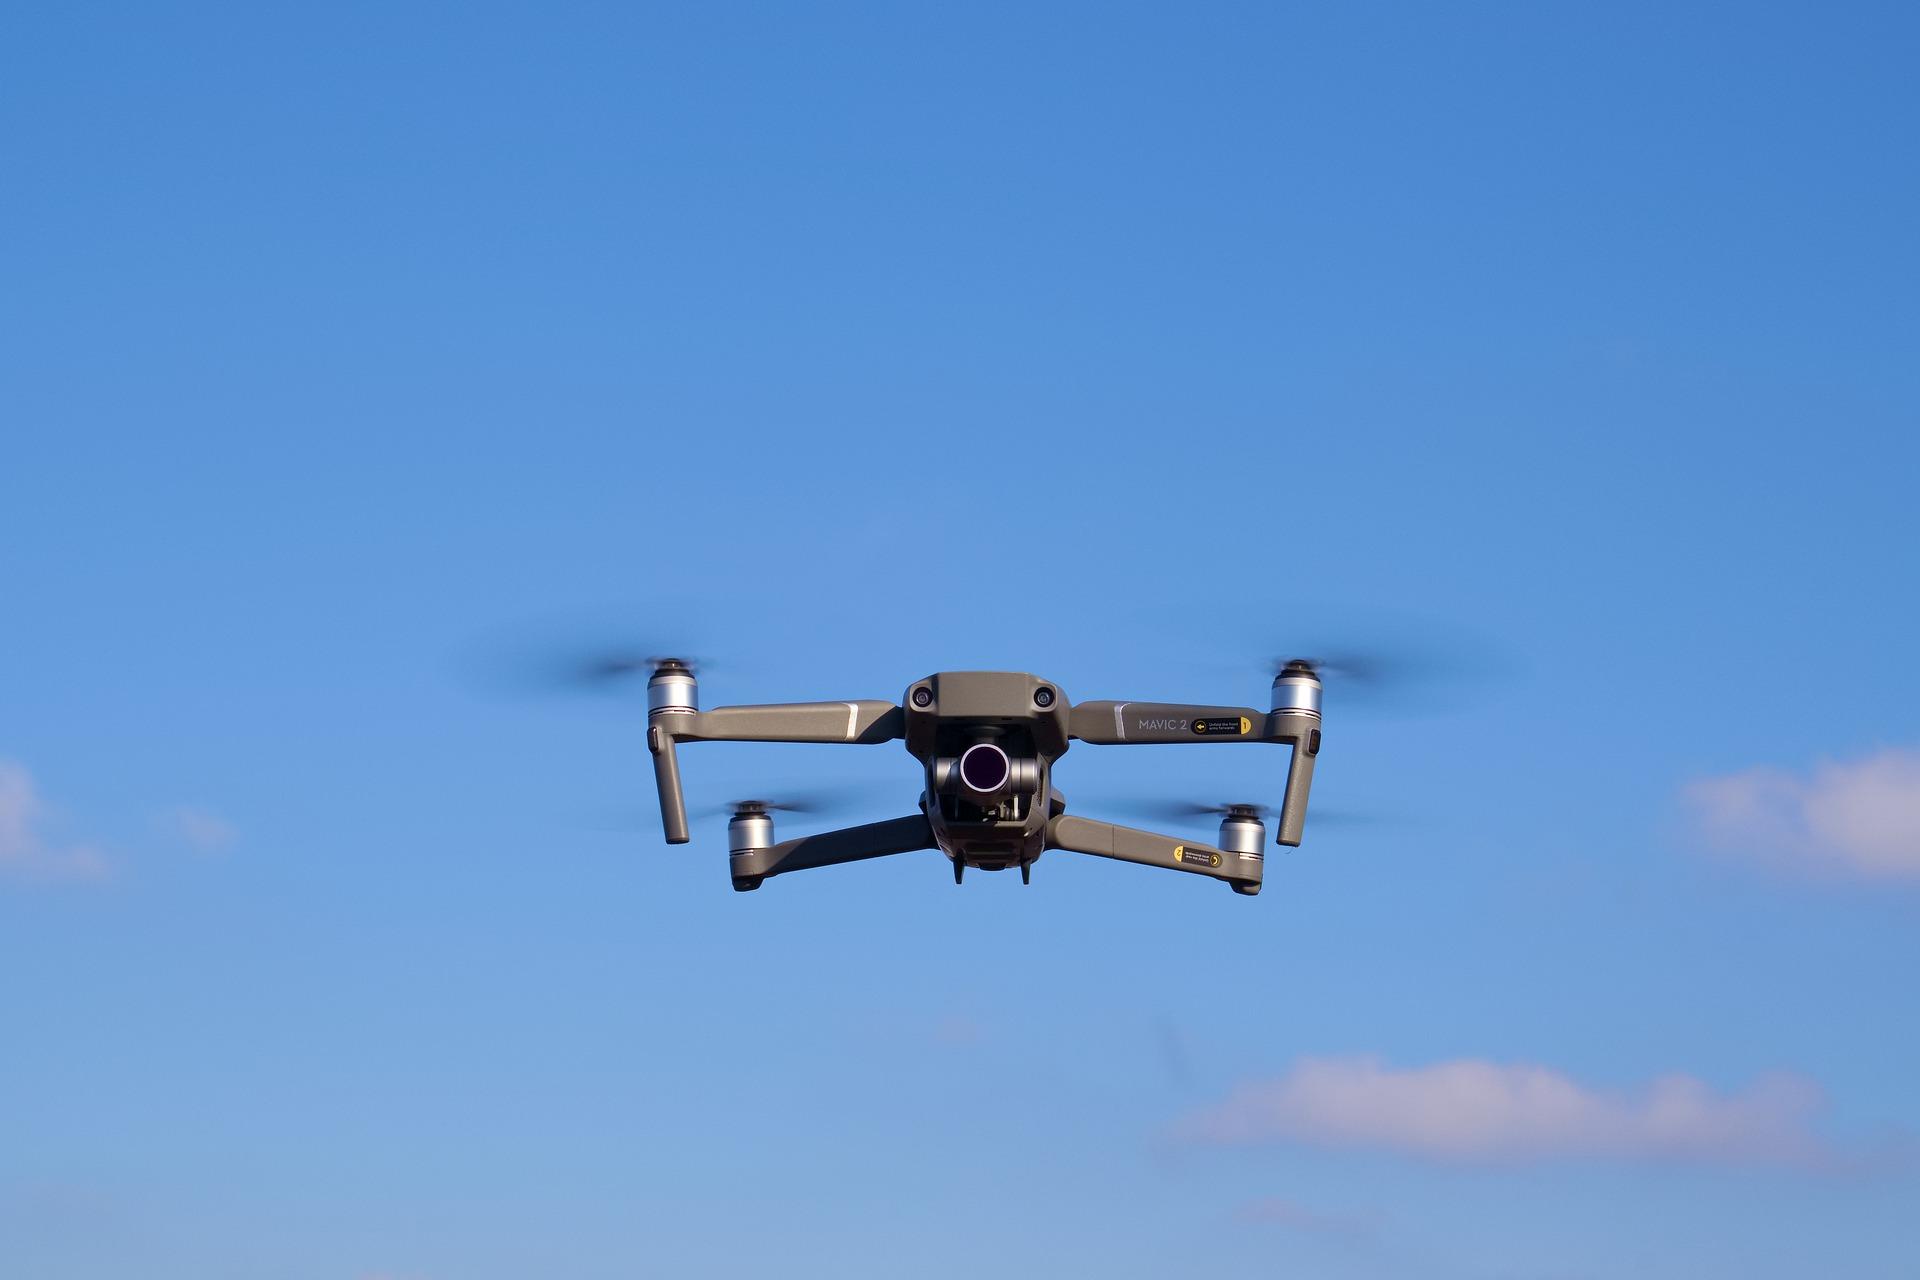 drone-4632973_1920